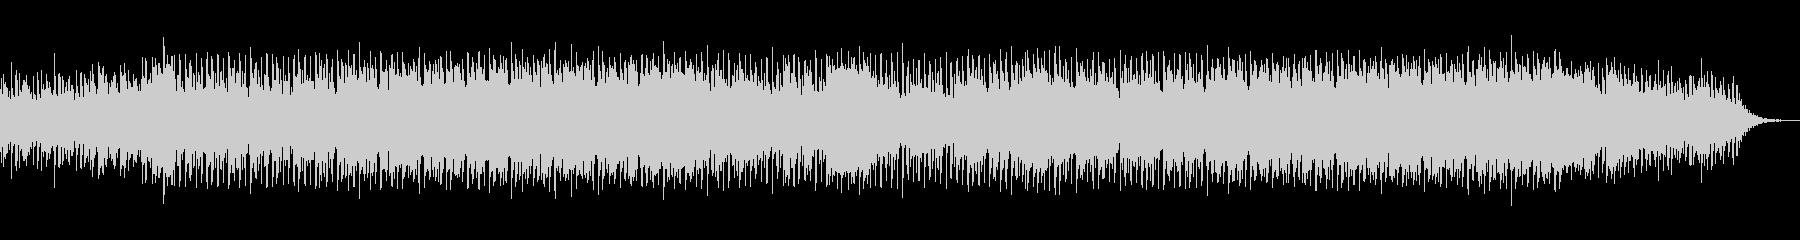 綺麗な響きでスタイリッシュなメロディーの未再生の波形